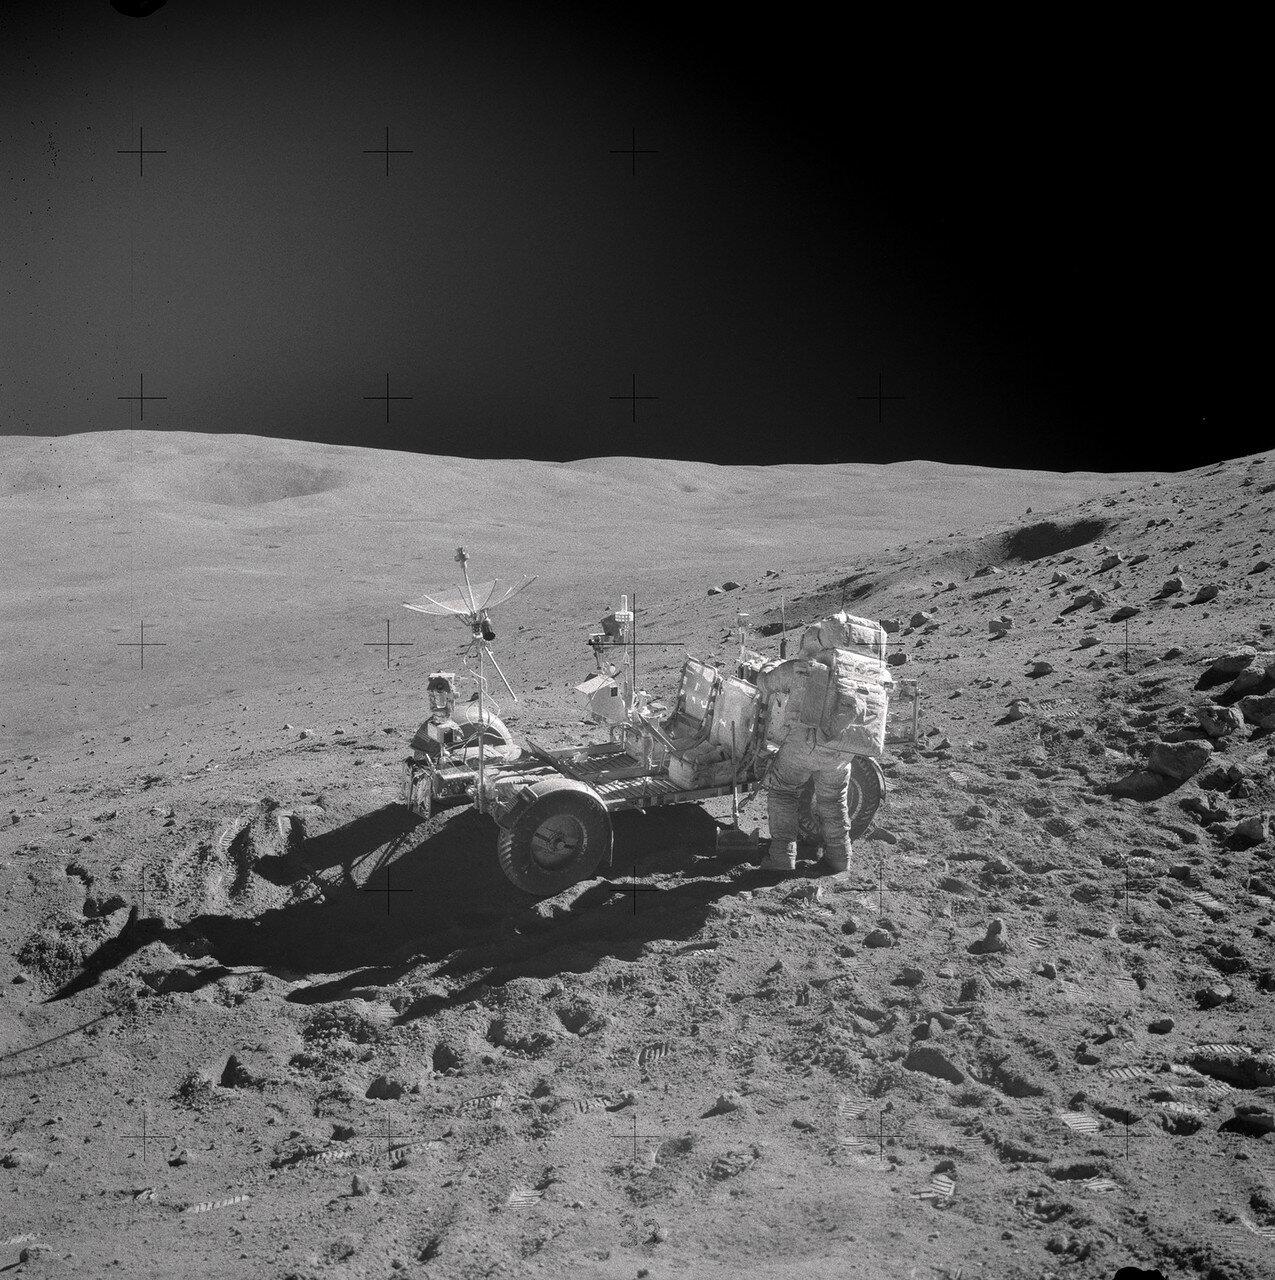 Проехав 5,2 км, Янг и Дьюк остановились у кромки кратера Синко B, всего в 80 метрах от кратера Синко А, самого крупного из группы кратеров Синко. На снимке: Джон Янг у «Ровера» на склоне горы Стоун Маунтин (Station 4)